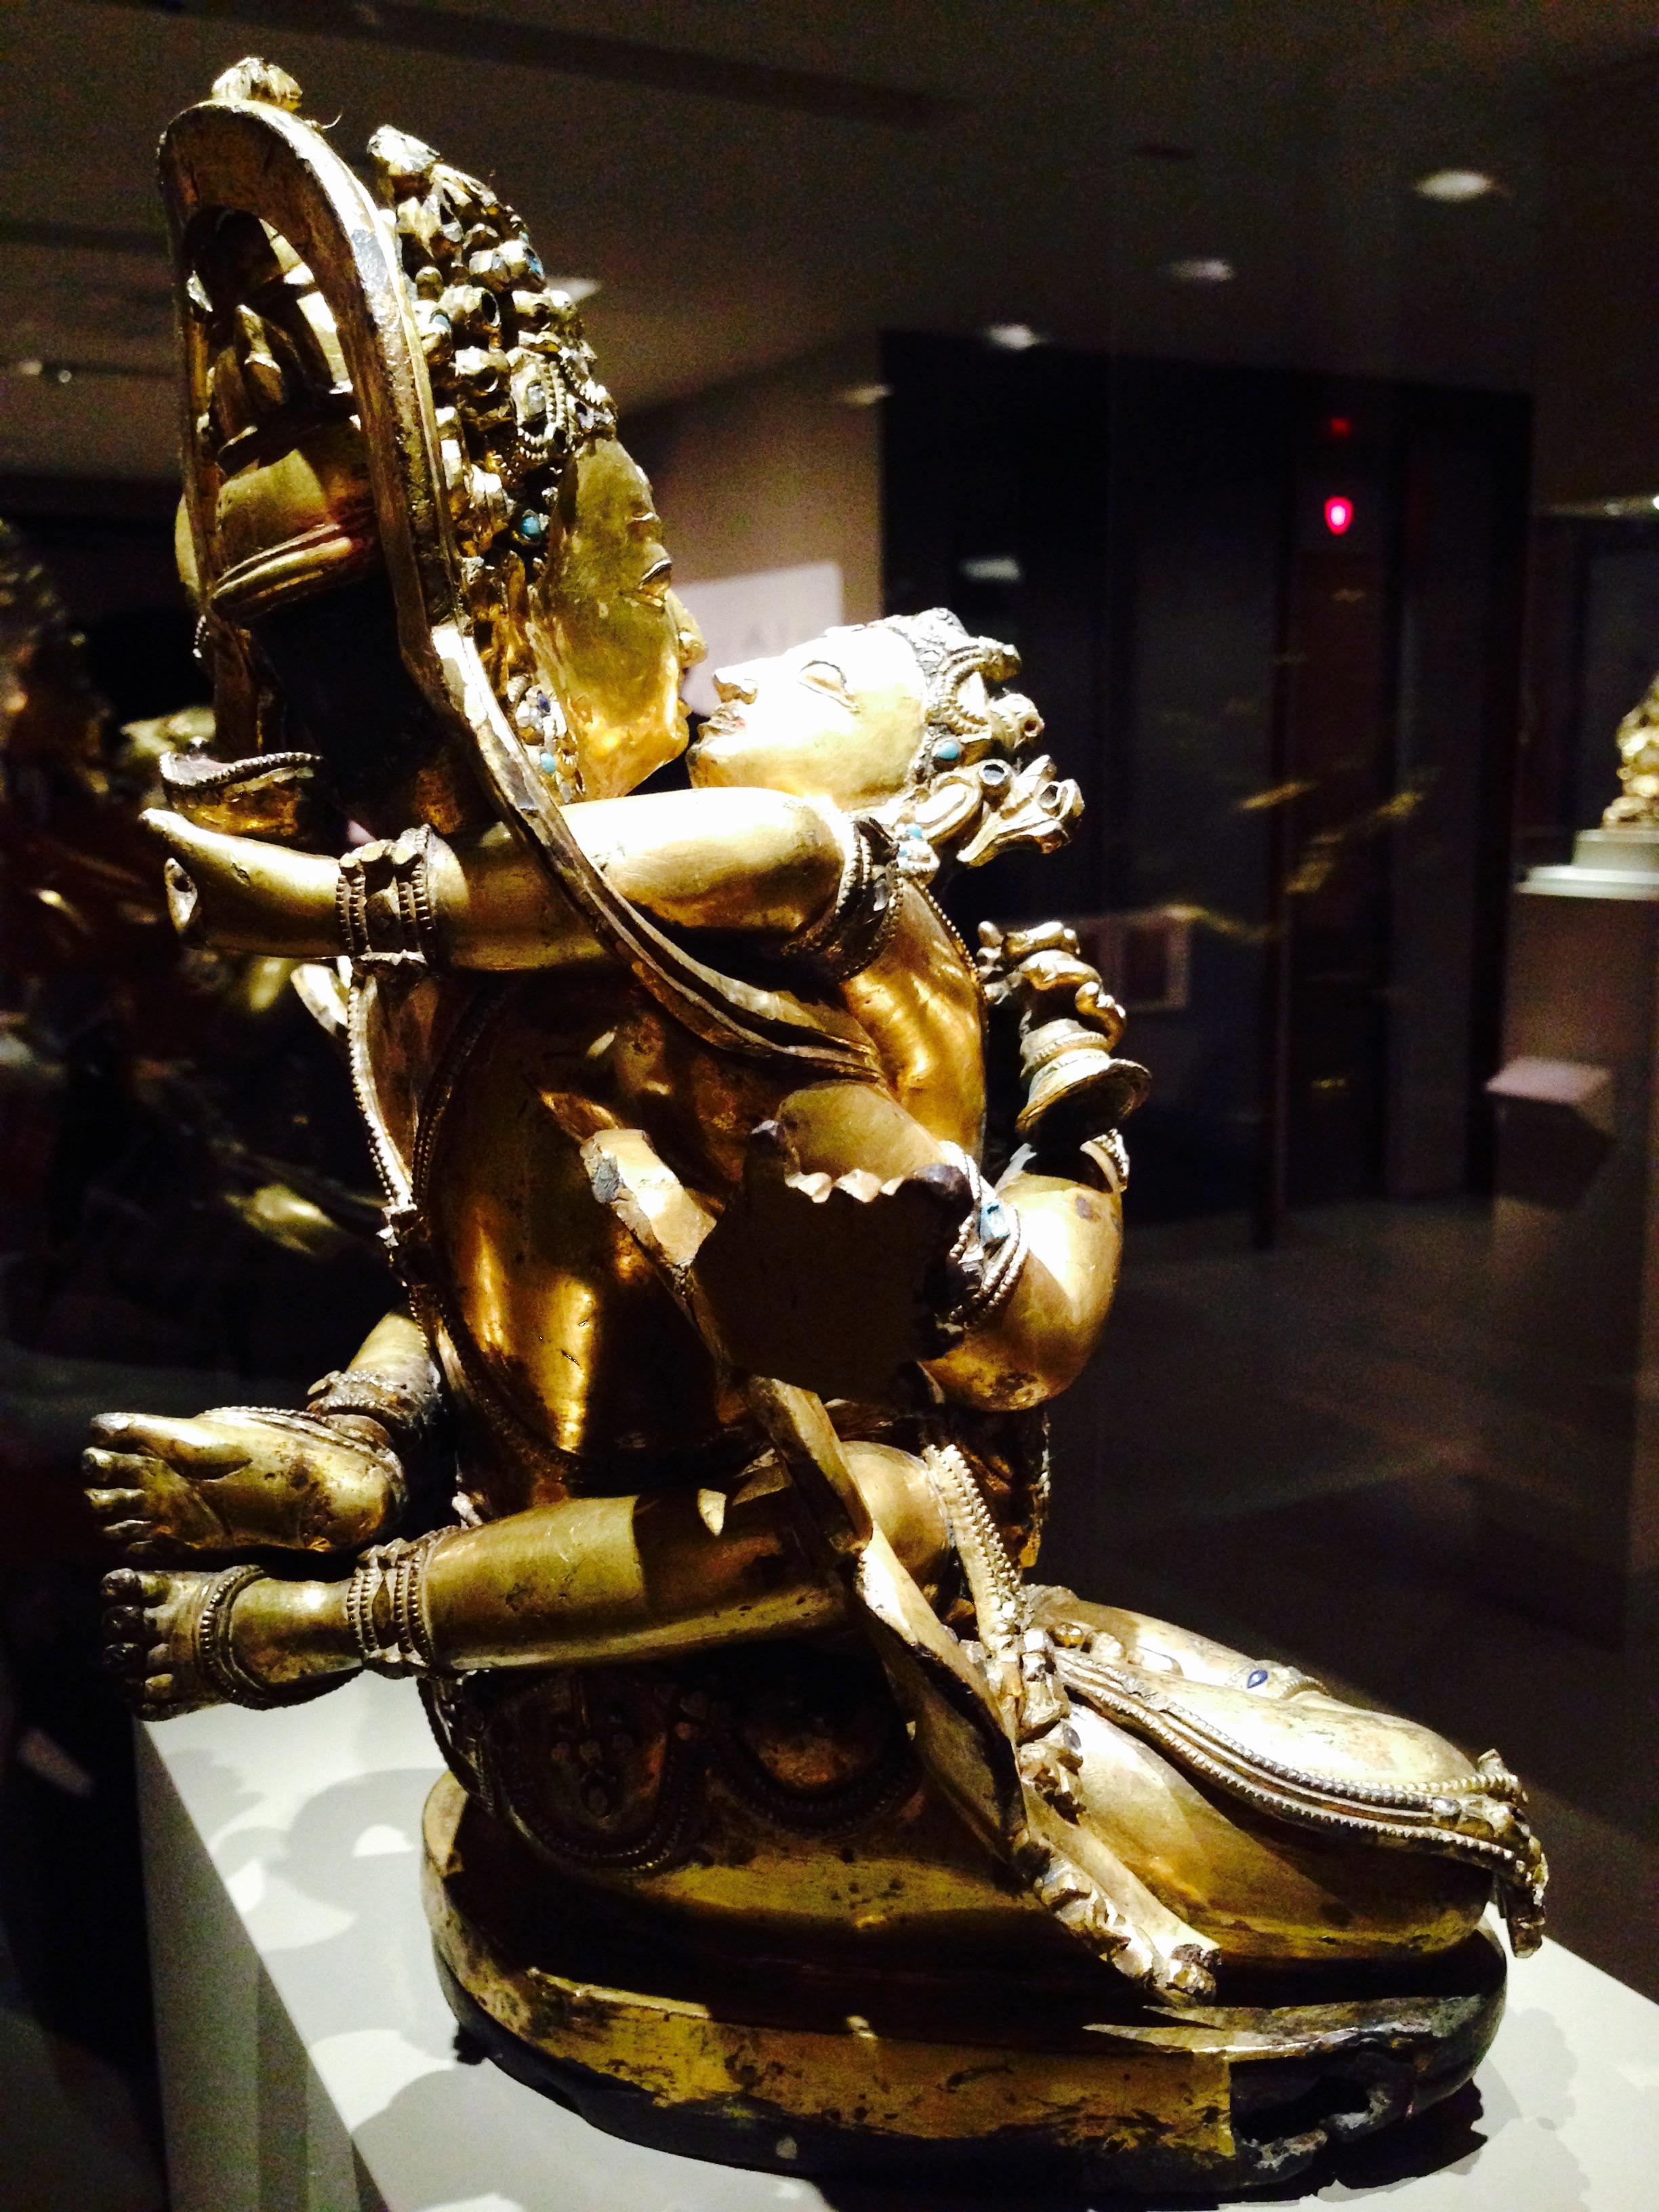 Rubin's special exhibits